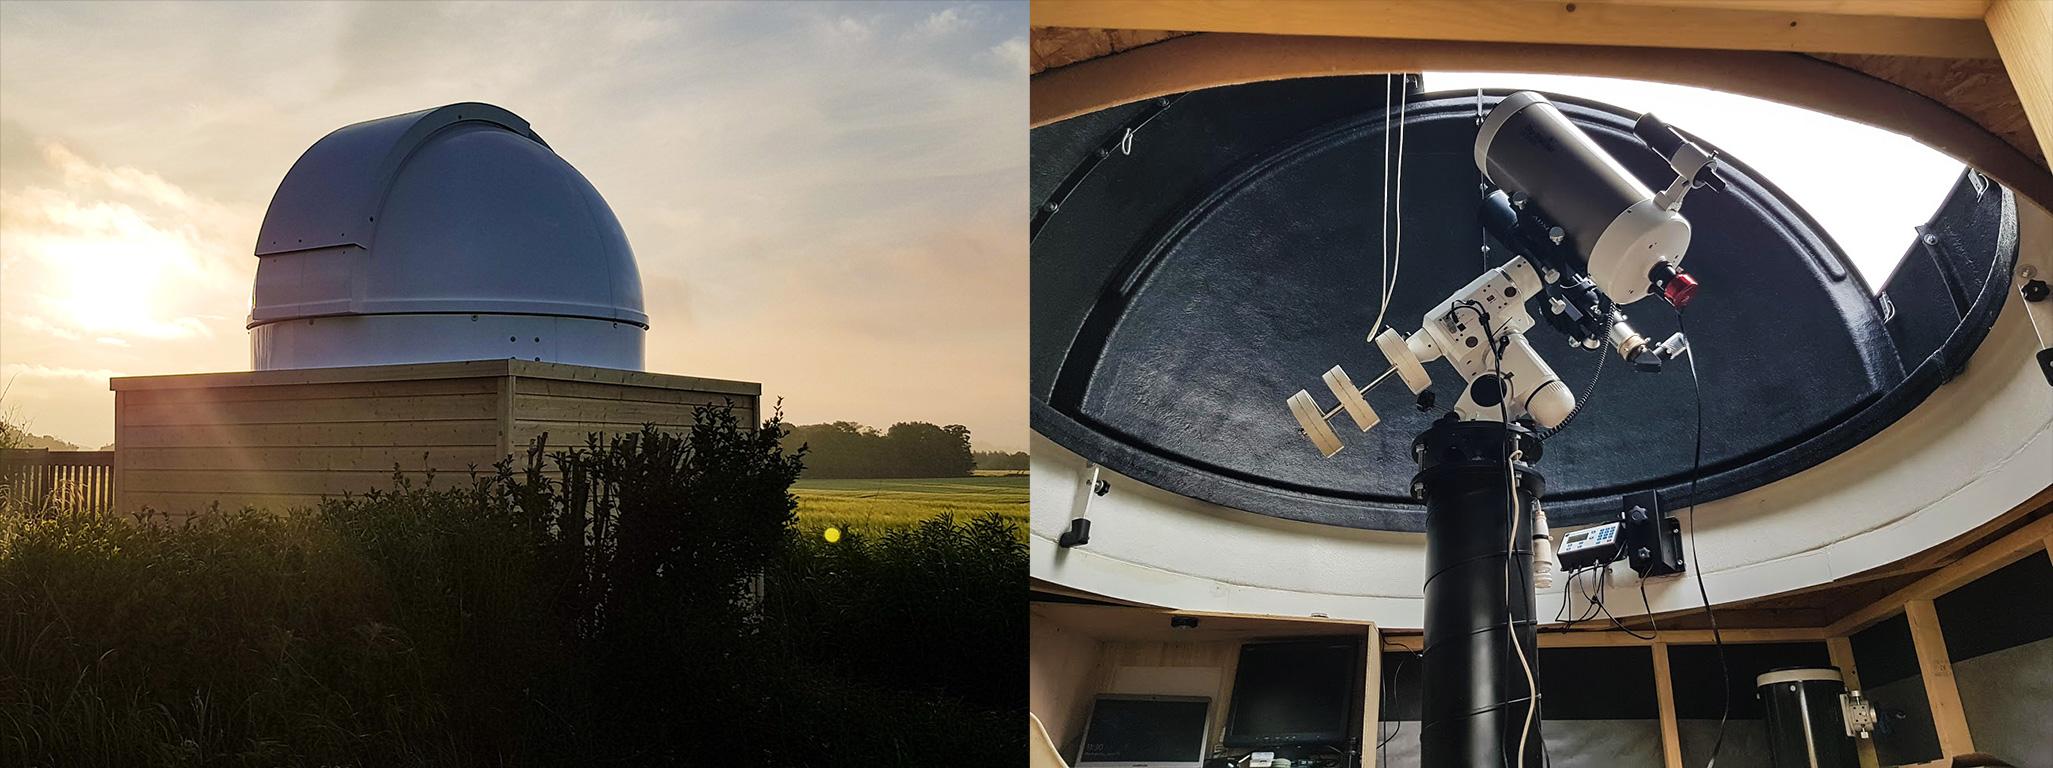 Forthimage Observatory